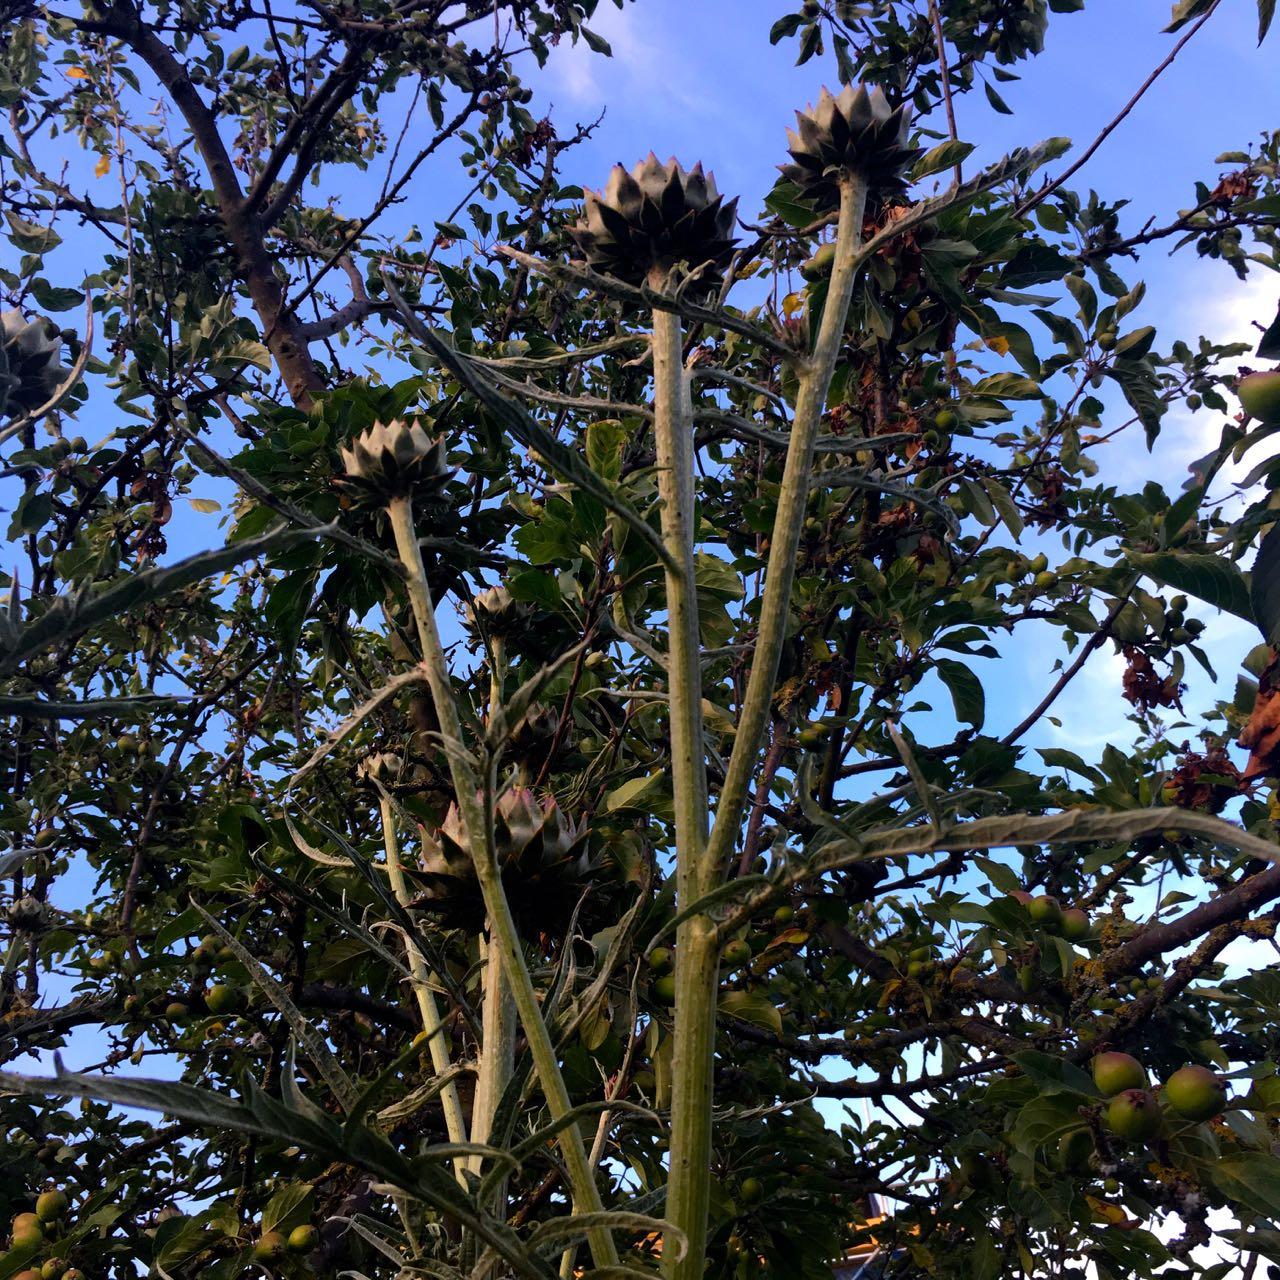 artichokes in the sky!